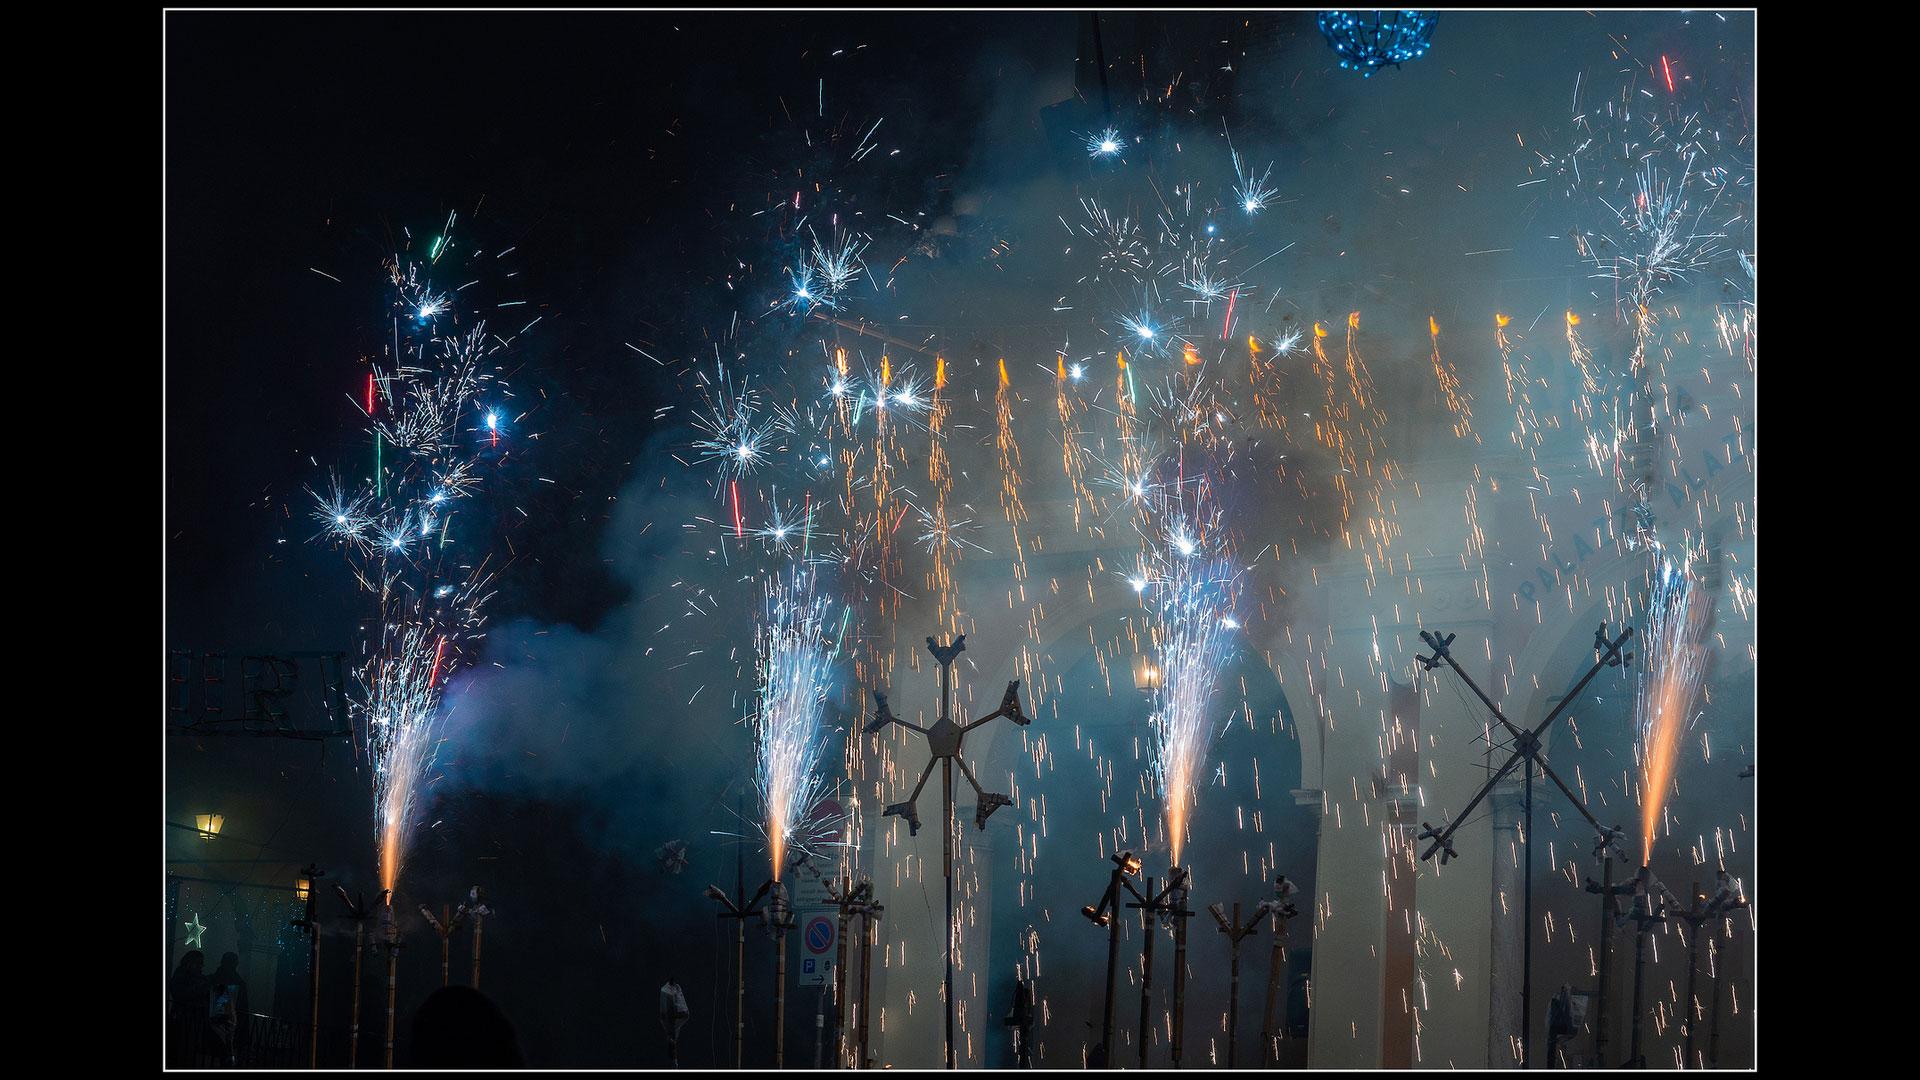 Celebrations | Photographer: cinzio FarinelliCurator: Bryan Esler